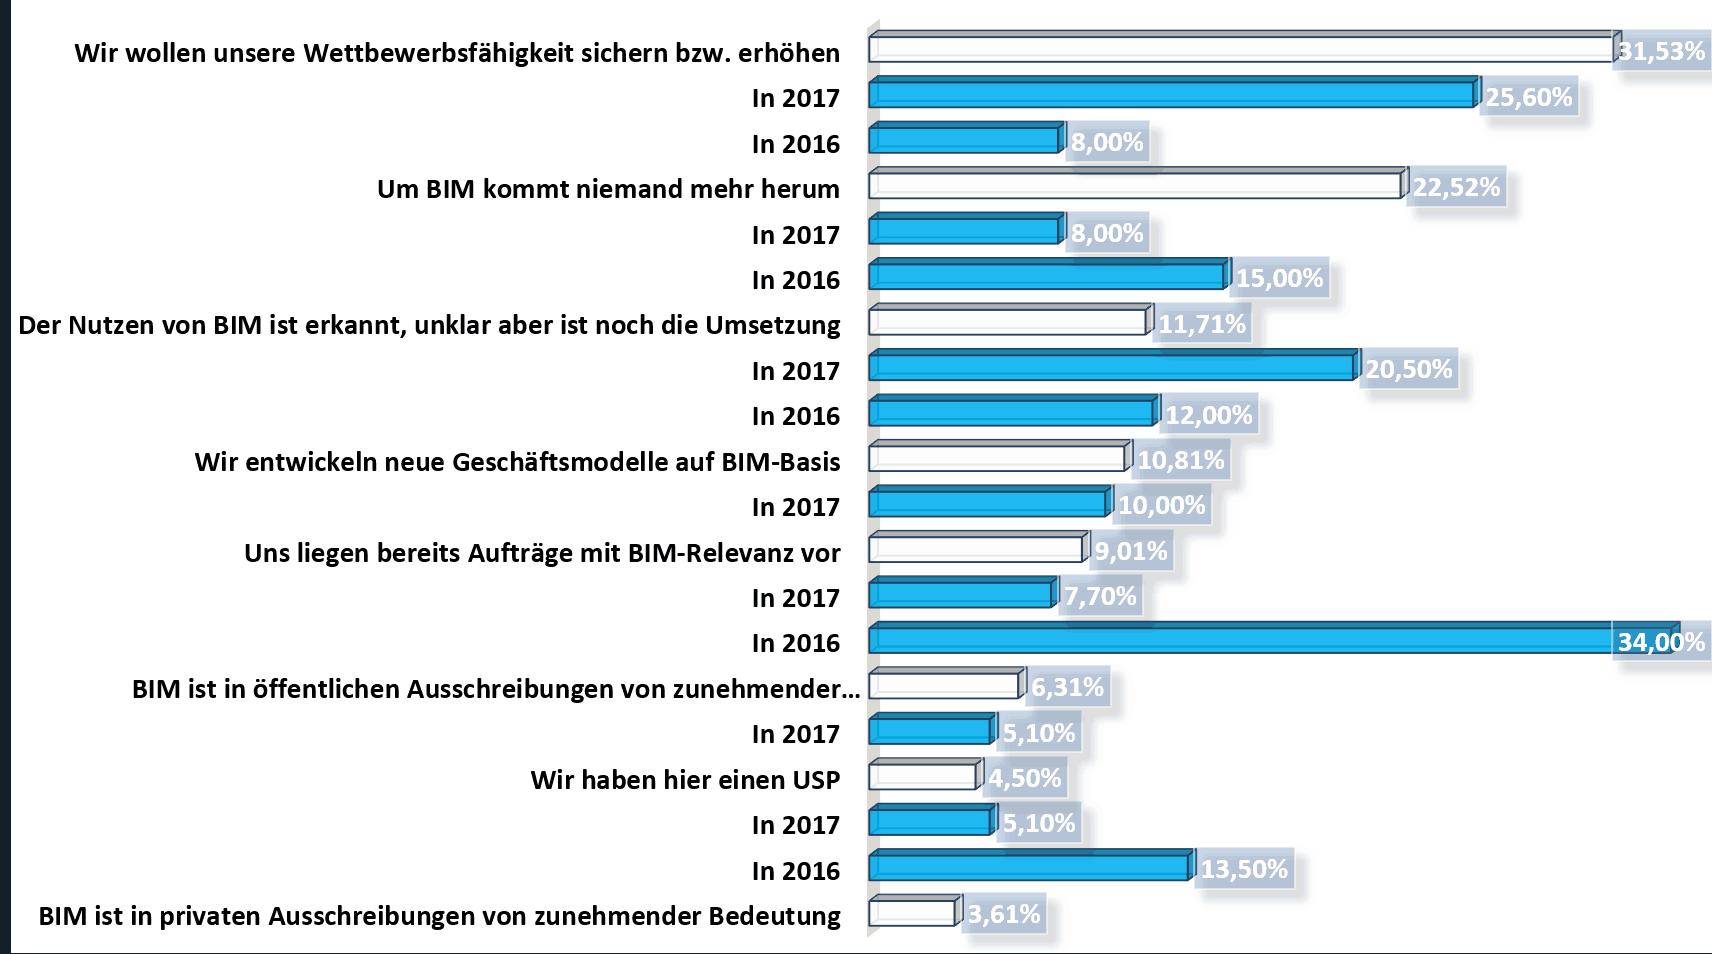 Darum interessieren sich die Teilnehmer gerade jetzt für BIM (Teilweise mit Vergleichszahlen aus dem Vorjahr)